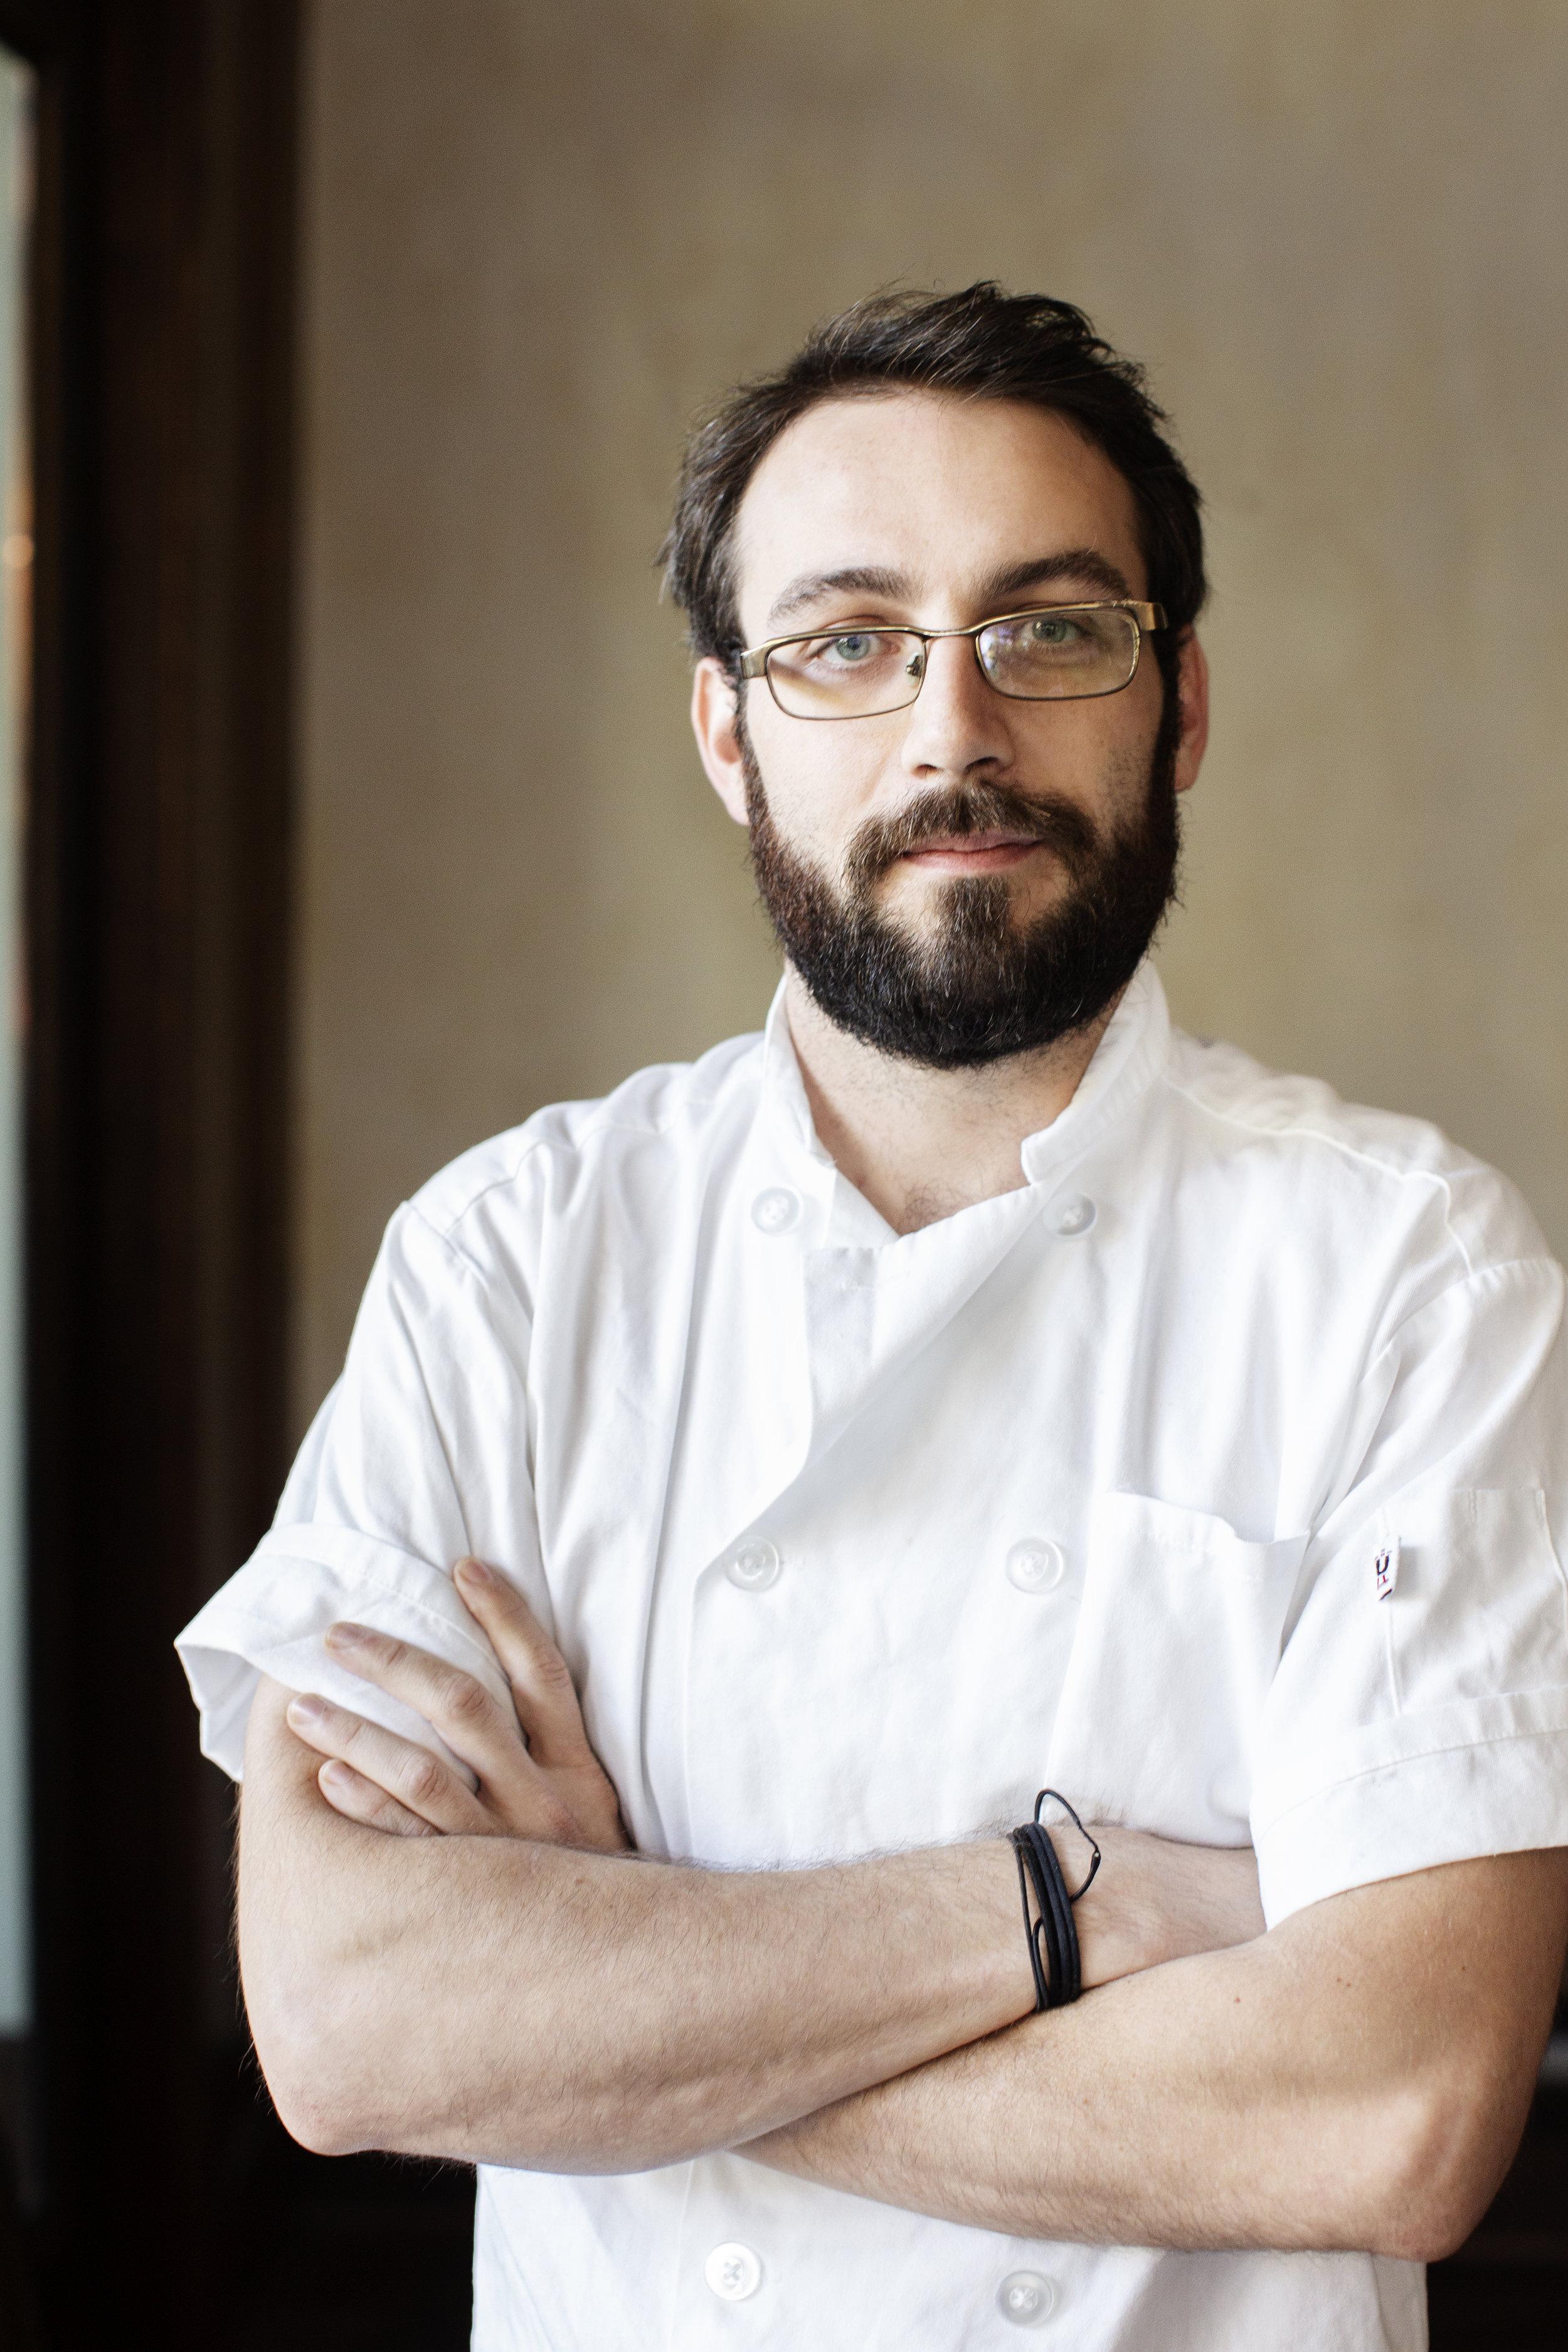 Sean O'Donnell - Chef de Cuisine